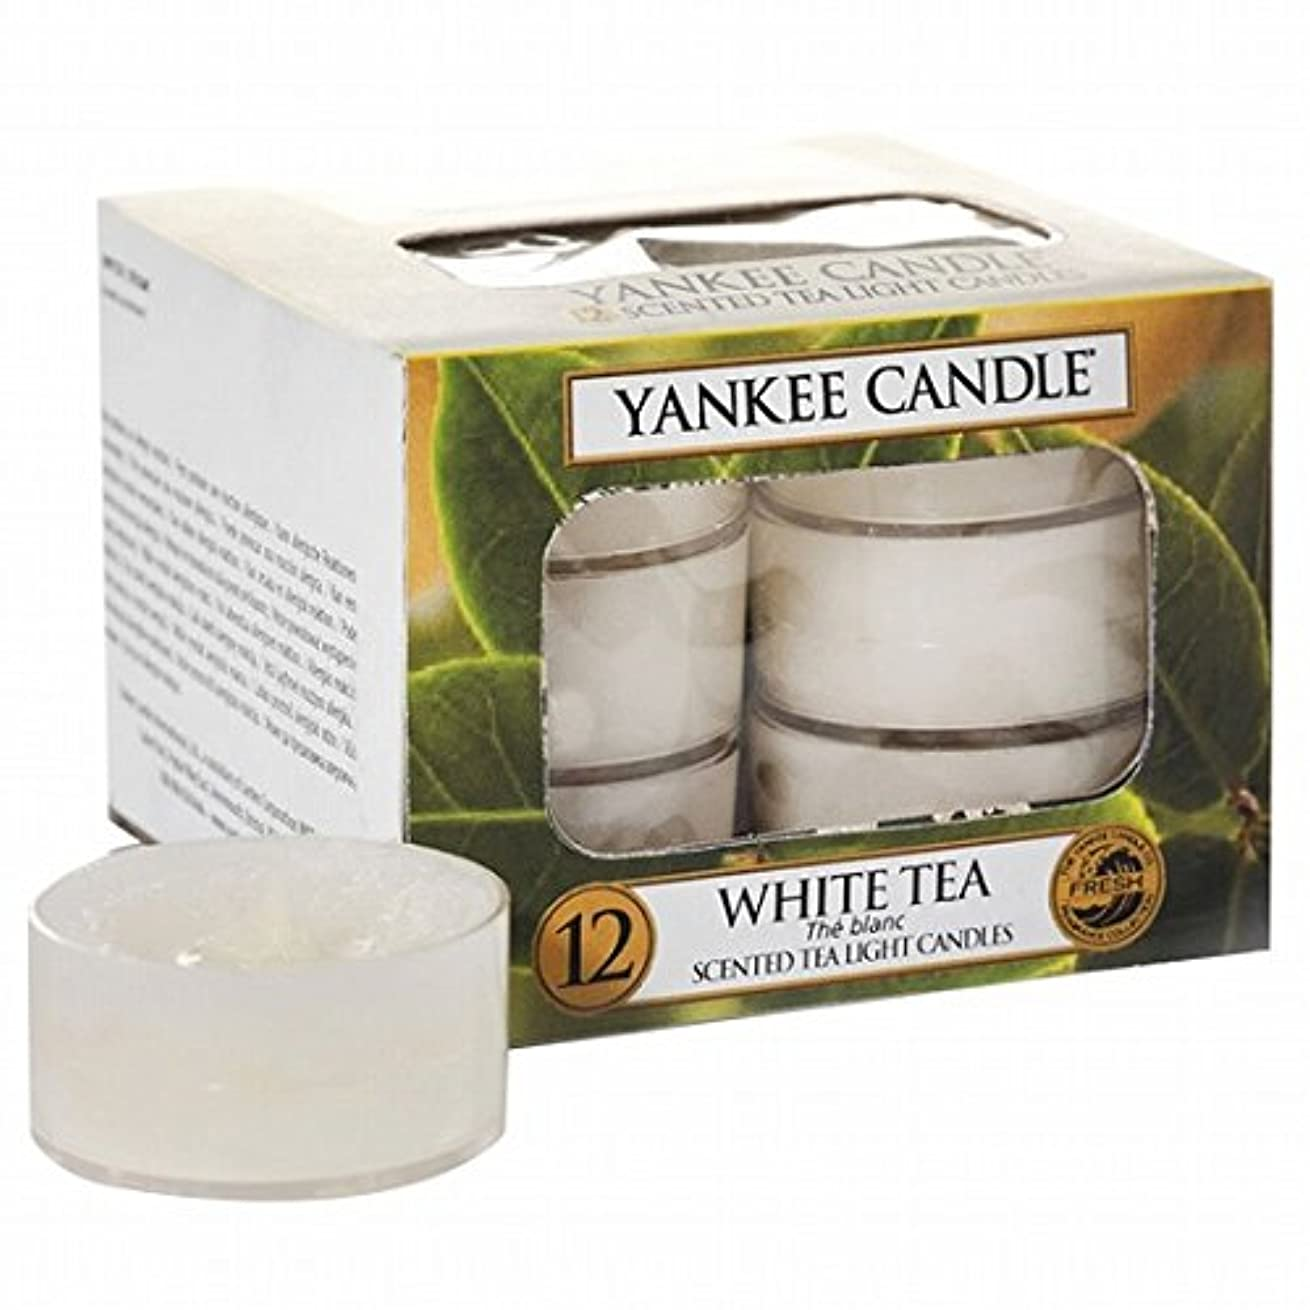 実験をする花散らすヤンキーキャンドル(YANKEE CANDLE) YANKEE CANDLE クリアカップティーライト12個入り 「ホワイトティー」